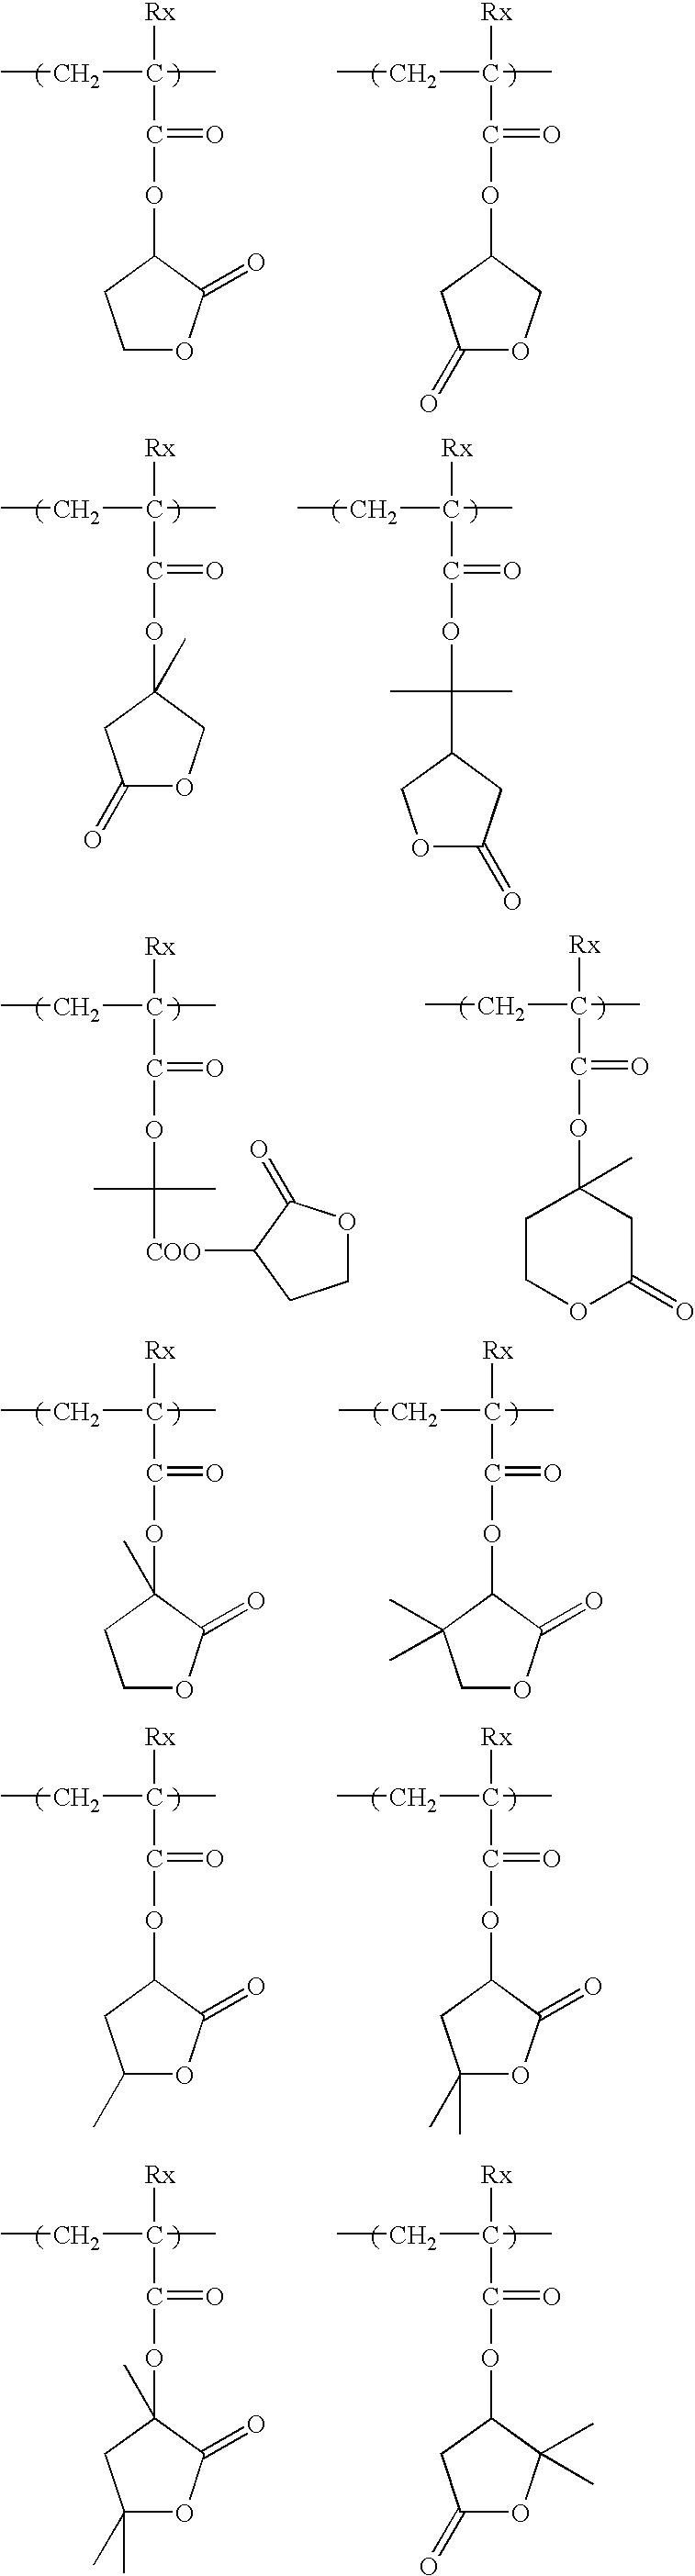 Figure US08017298-20110913-C00022